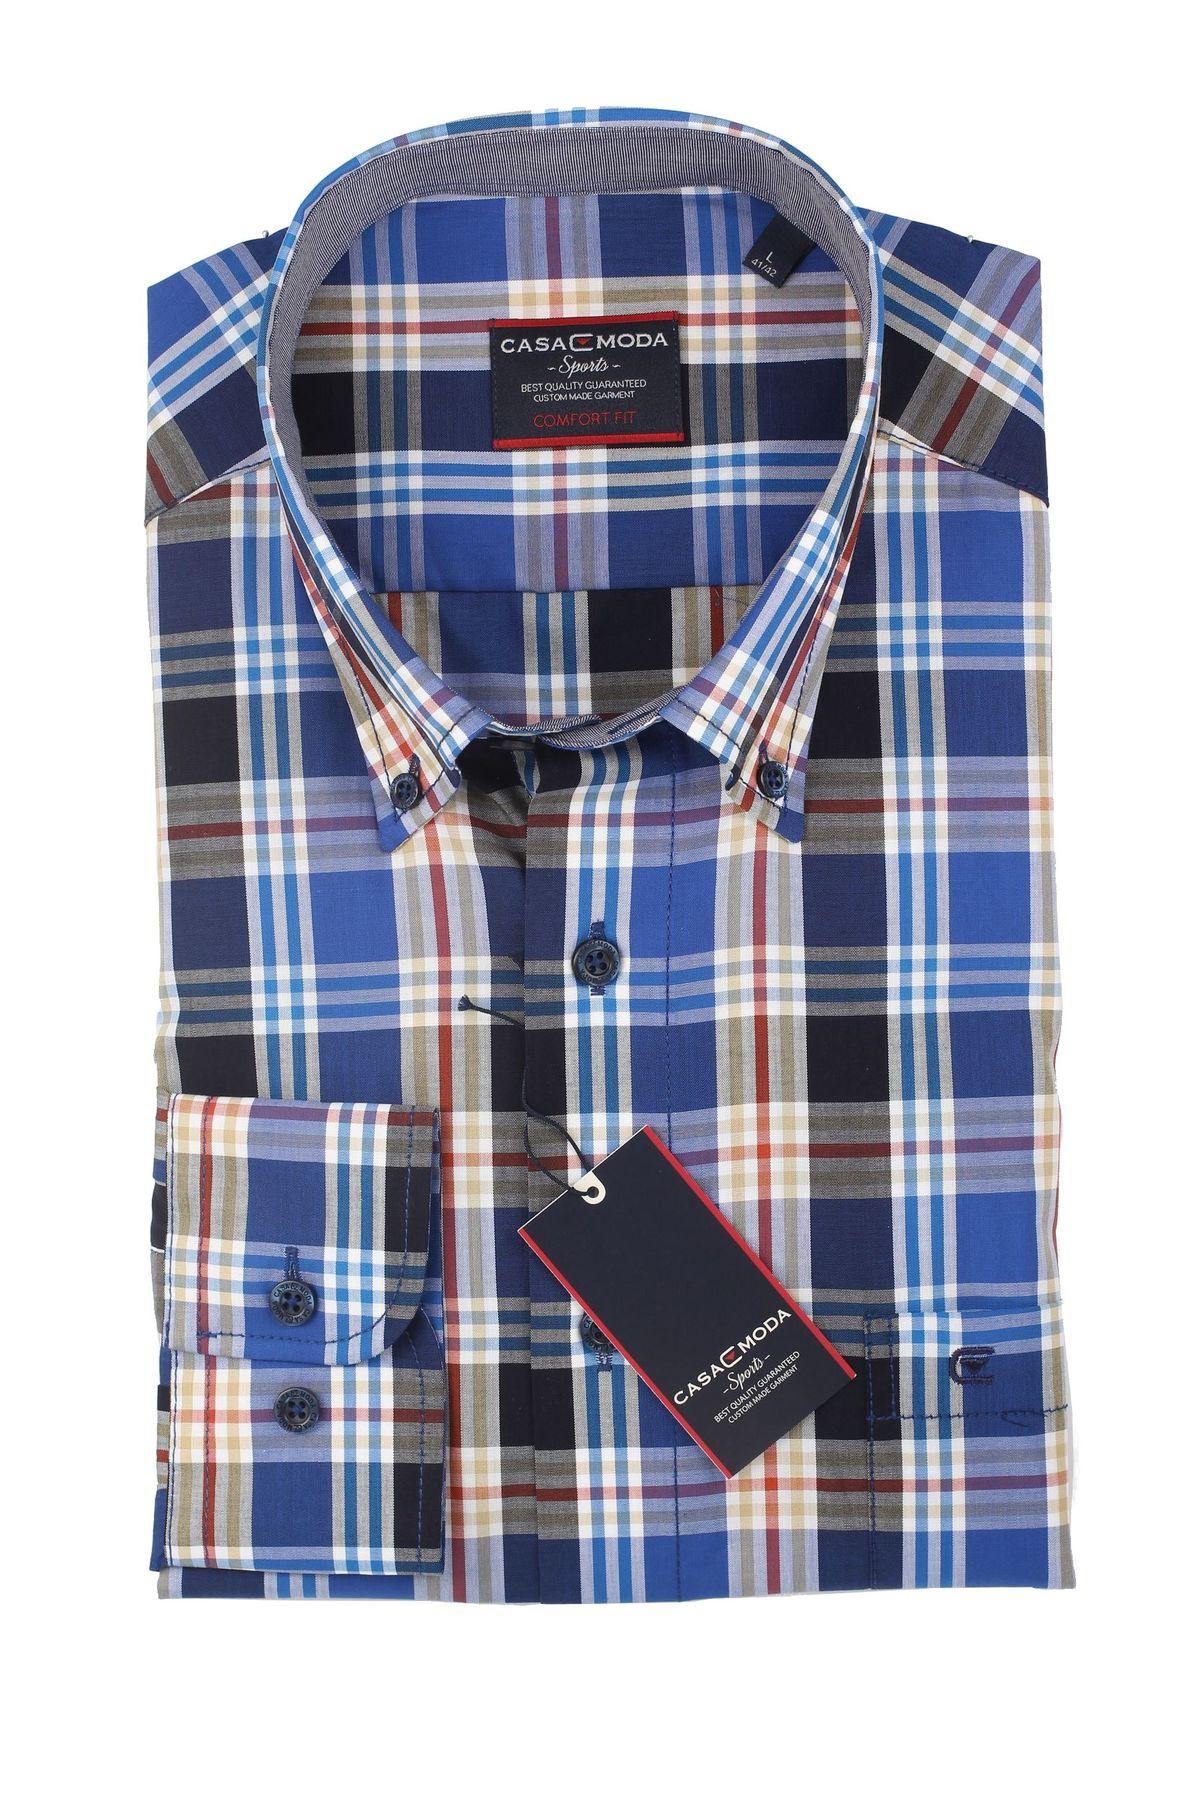 Casa Moda - Comfort Fit - Herren Hemd mit Karo Muster und Button Down Kragen (462722800 A) – Bild 5